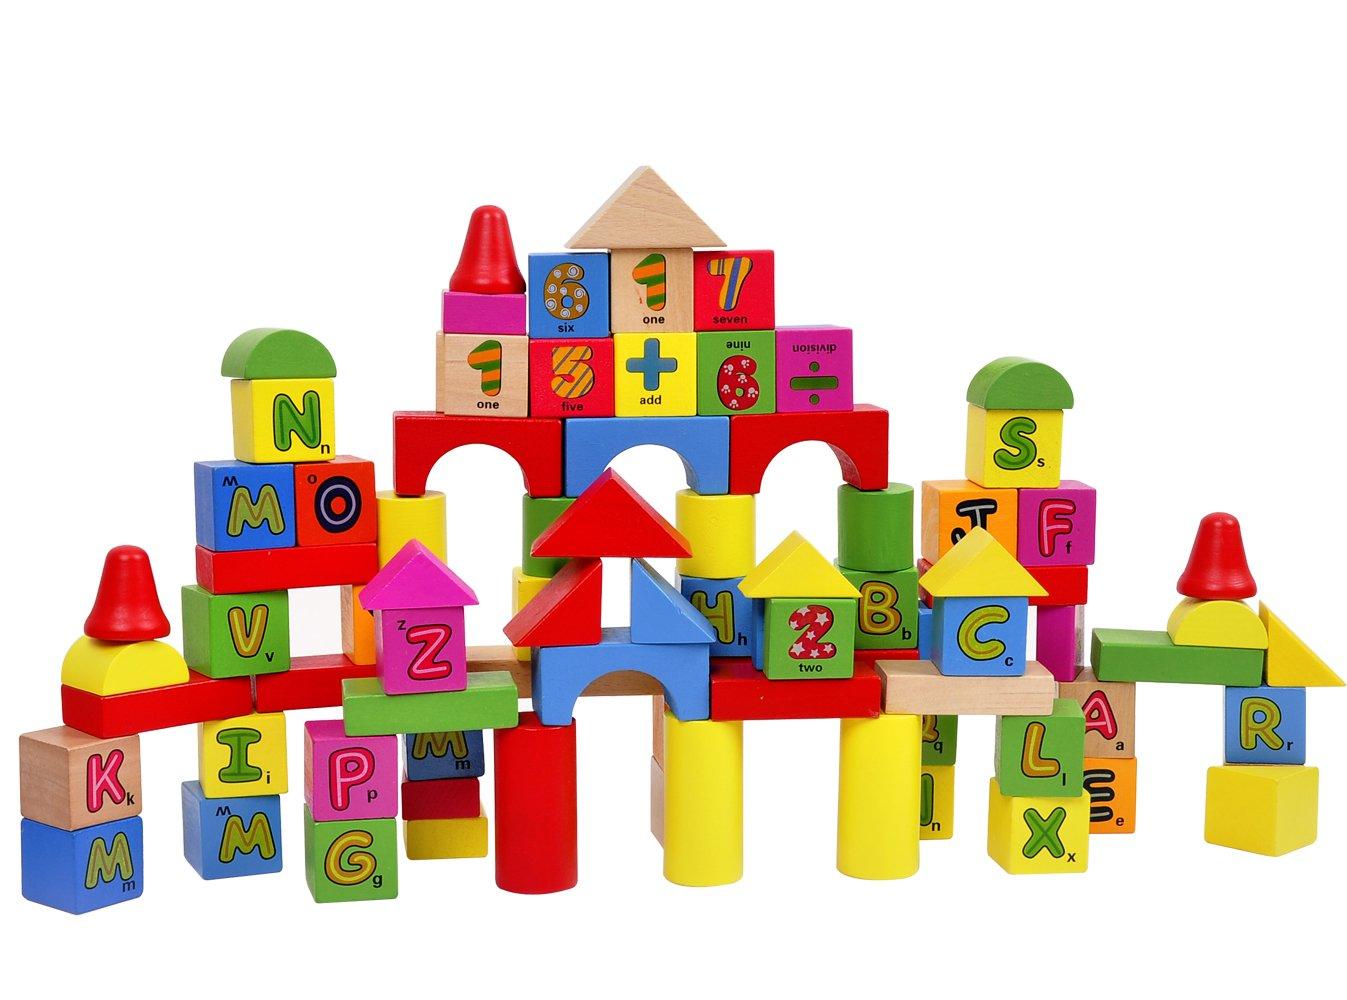 趣萌 儿童益智木制玩具 宝宝早教智力拼装 动物数字字母桶装积木1-2-3